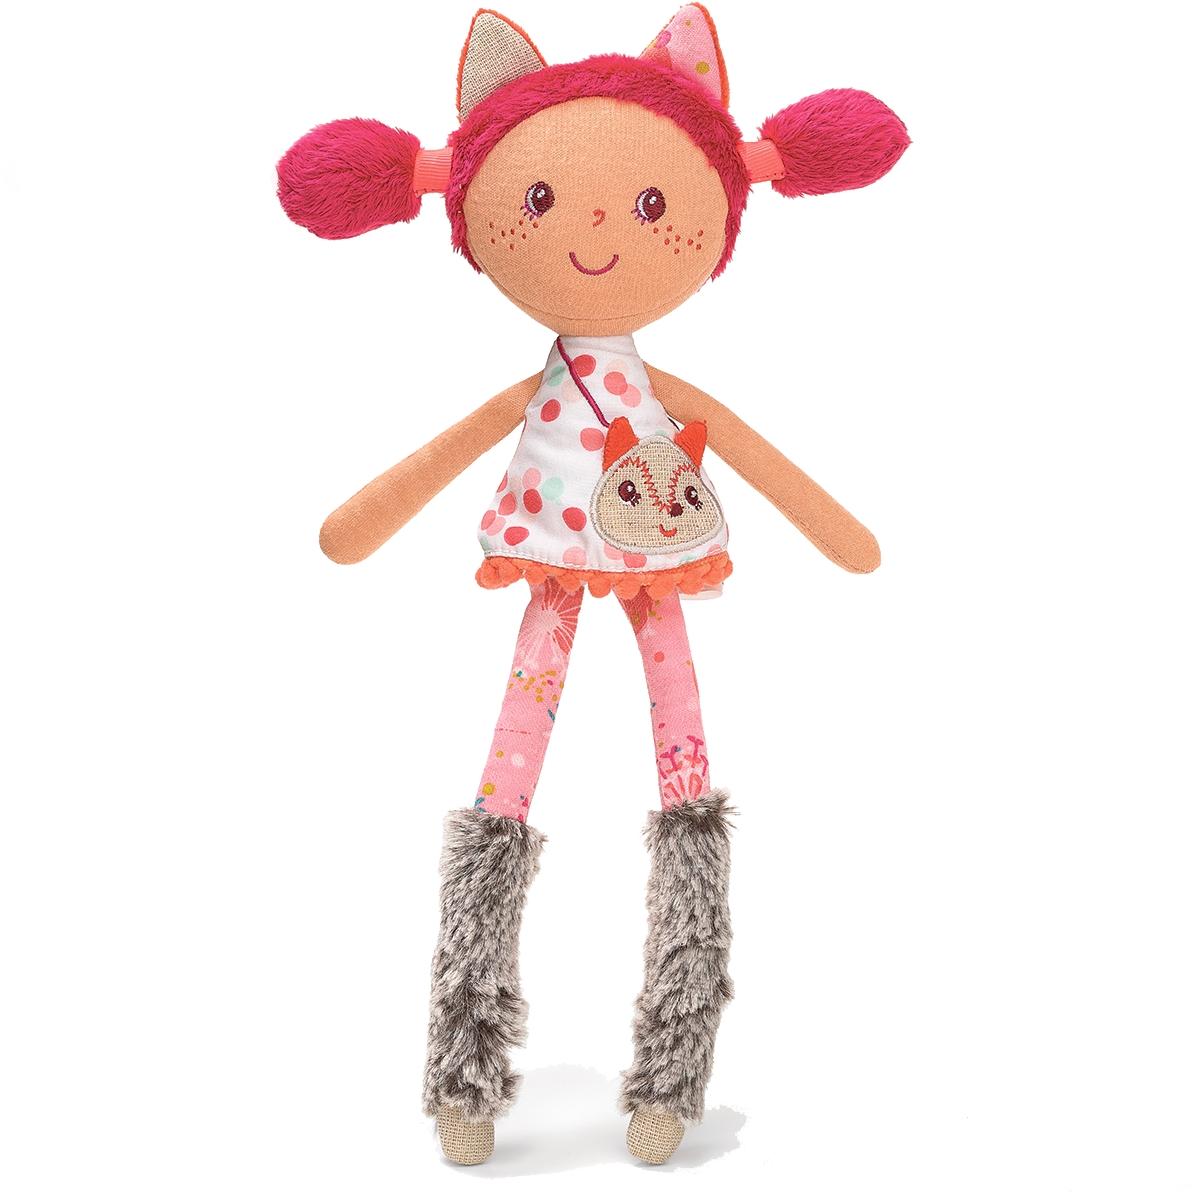 Lilliputiens Кукла Алиса86743Открой прелестную коробочку, расписанную яркими красками леса, и познакомься с куклой Алисой — маленькой кокеткой в костюме лисички. Заостренные ушки, меховые ботиночки и золотистая сумочка — Алиса уже готова отправиться с тобой на лесную прогулку.